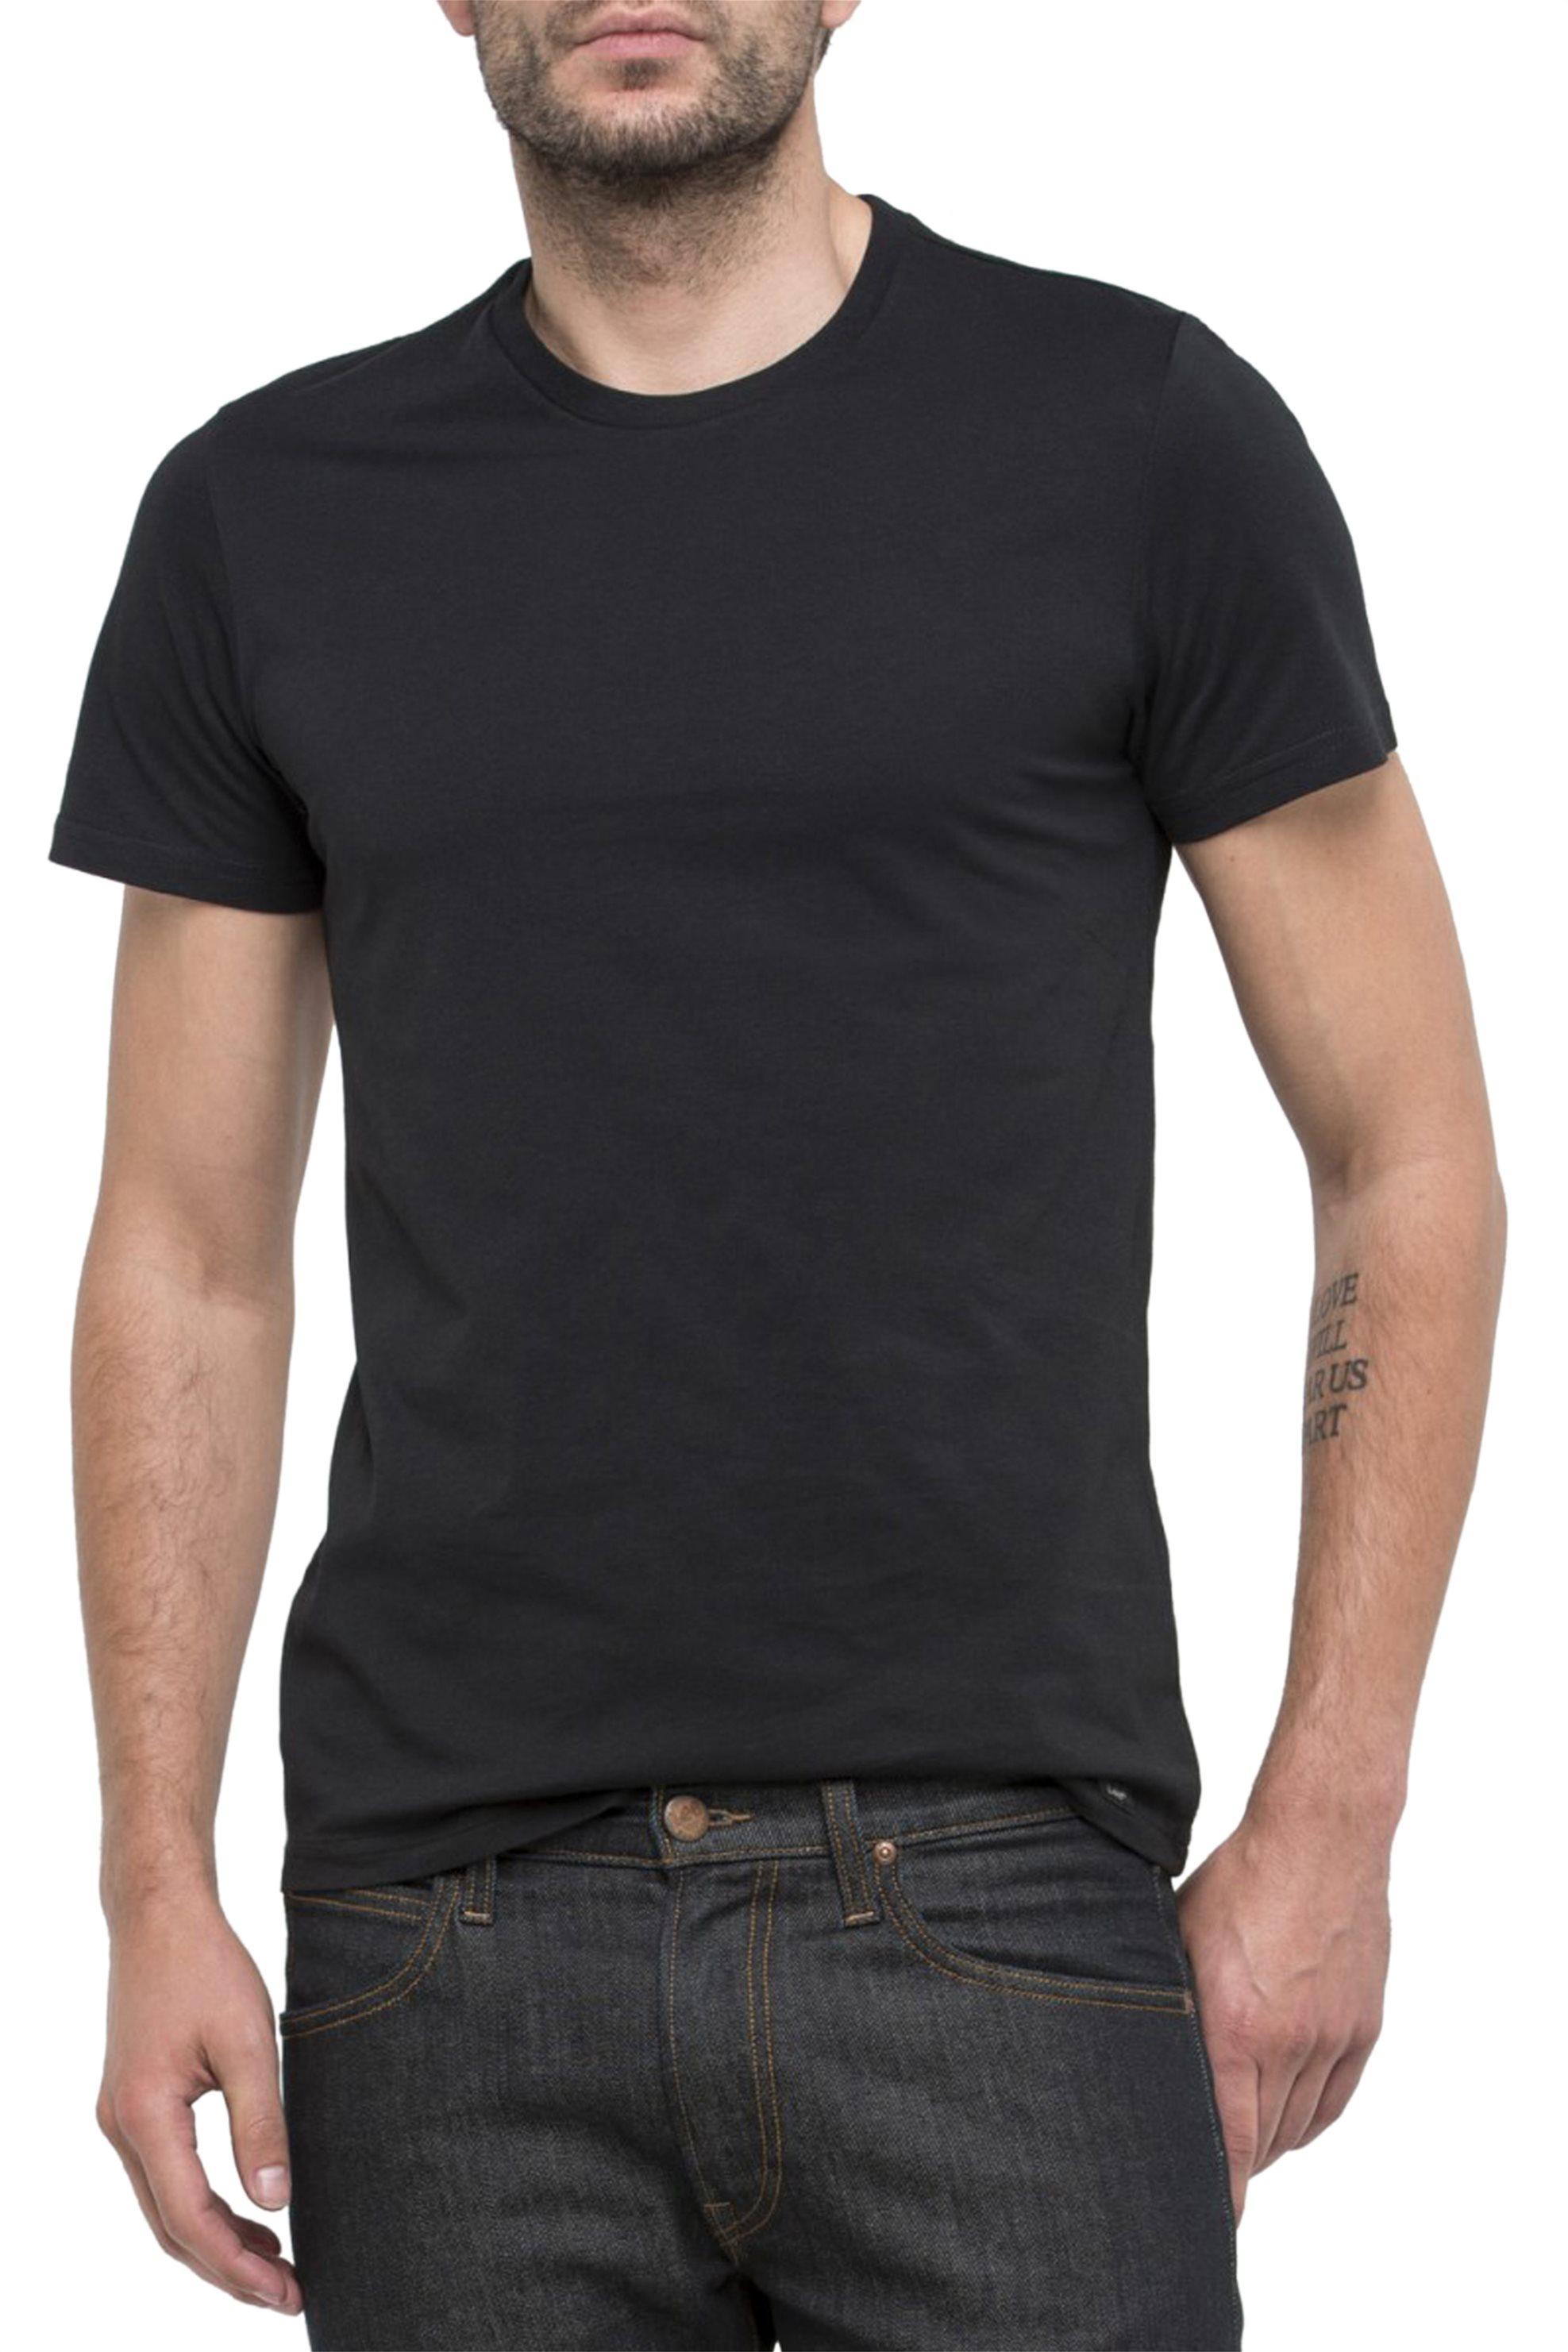 Ανδρικό μαύρο T-shirt Twin Pack Crew Lee - L680AI01 - Μαύρο ανδρασ   ρουχα   μπλούζες   t shirts